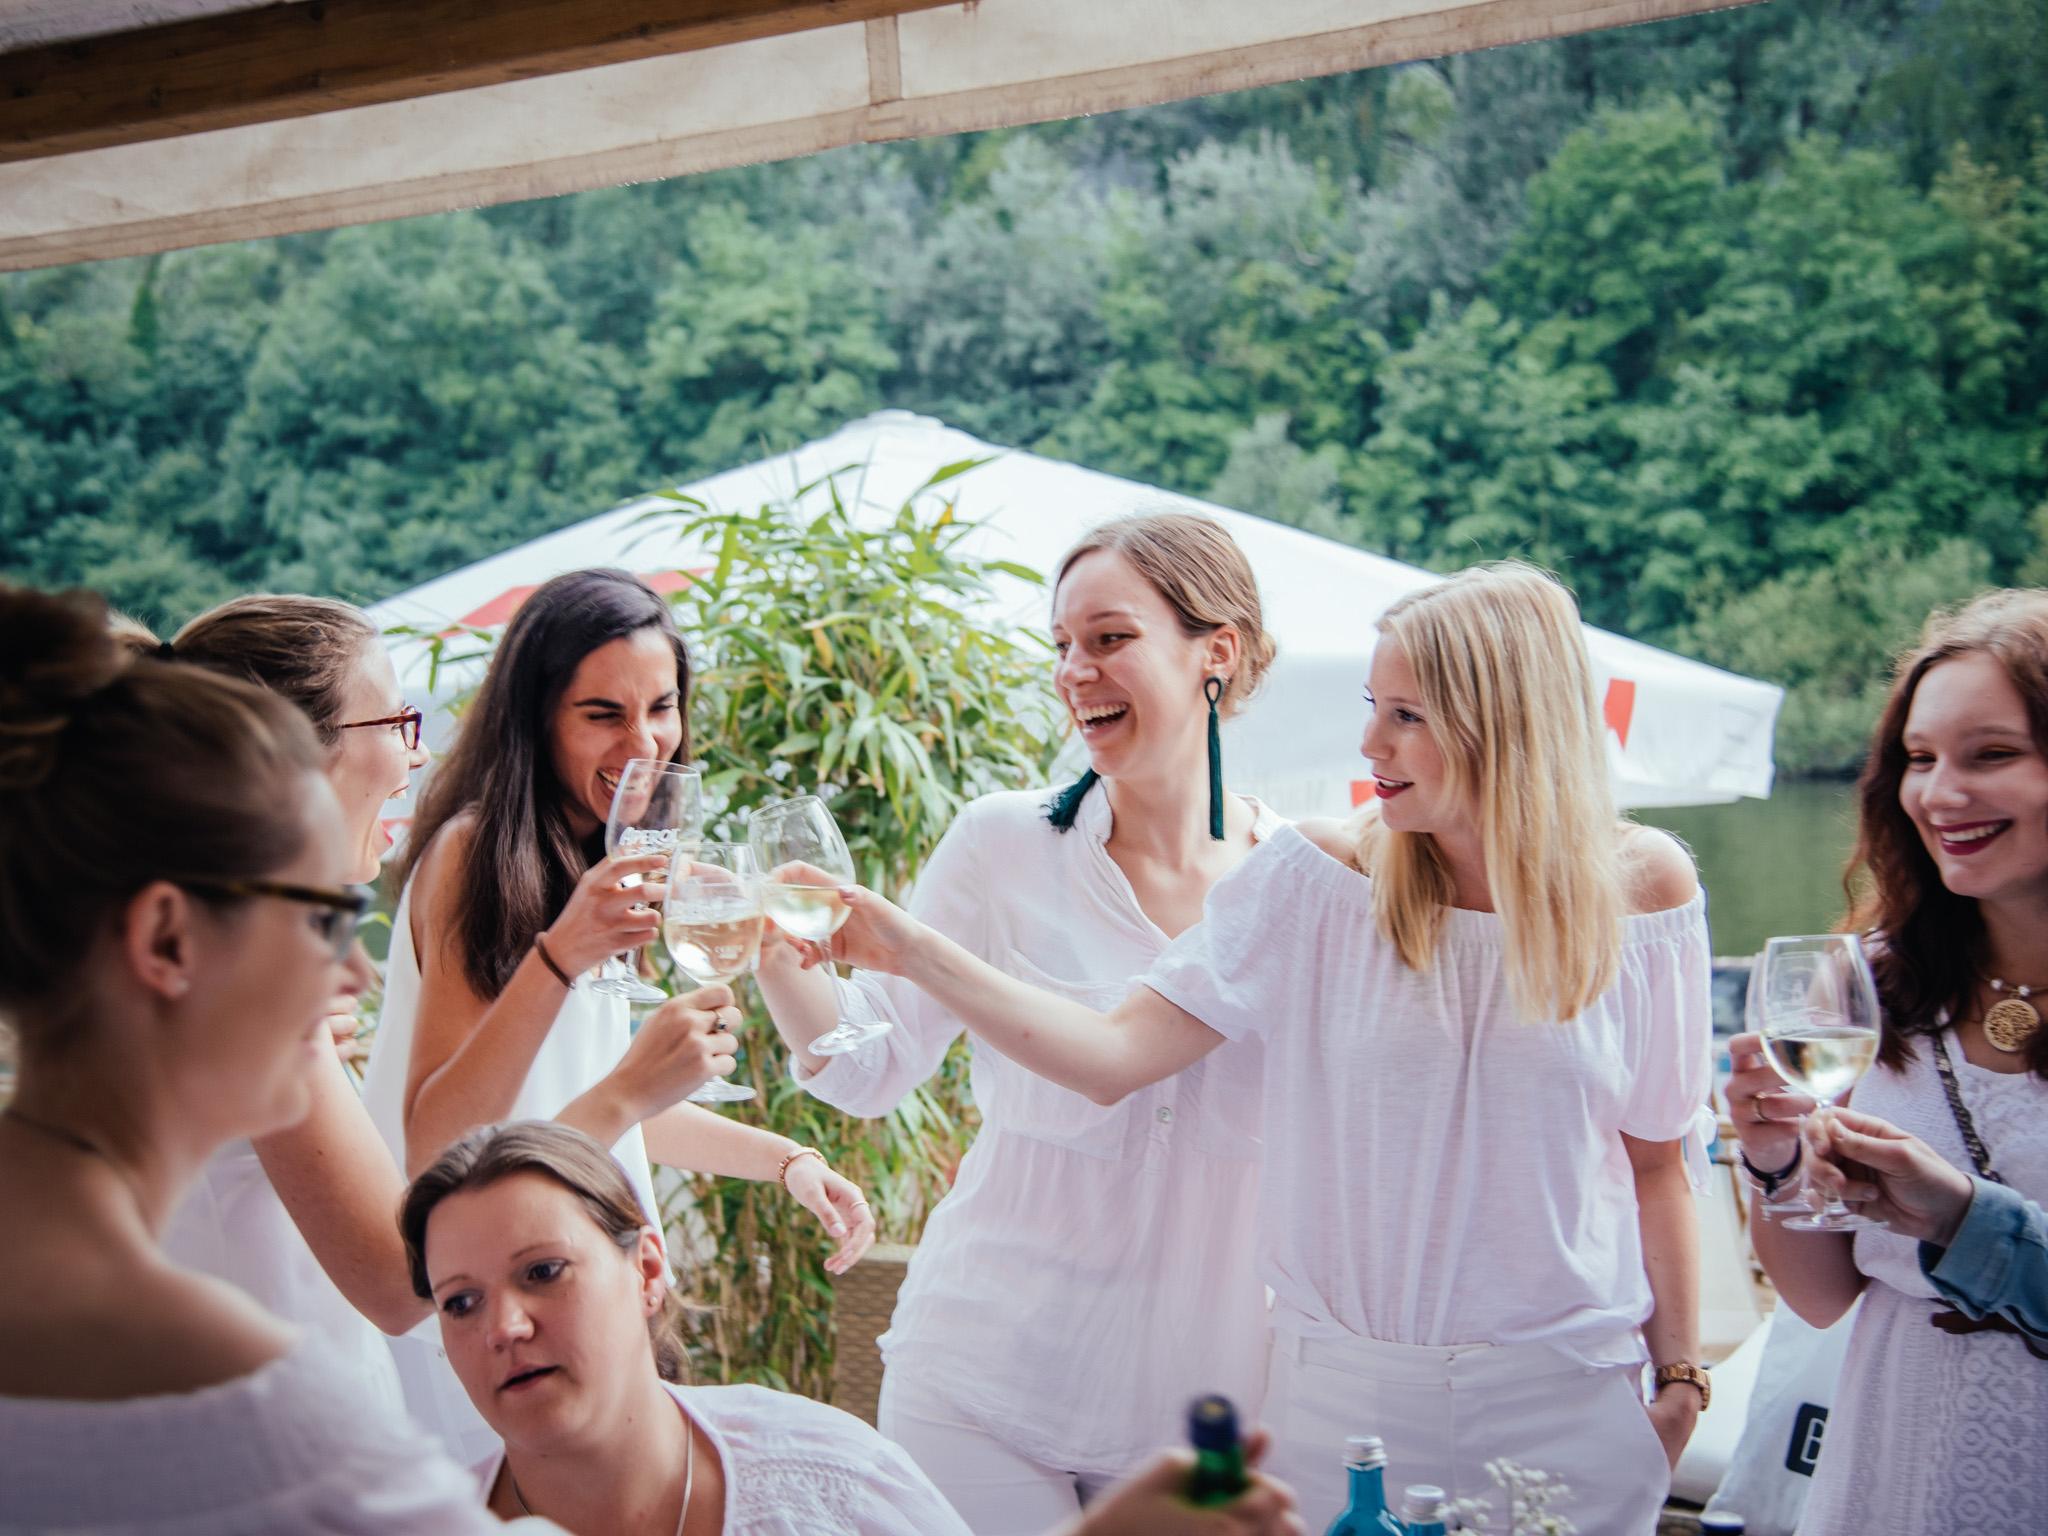 Leckere Cocktails, Spitzenweine & alkoholfreie Getränke. Foto: Pascal Höfig